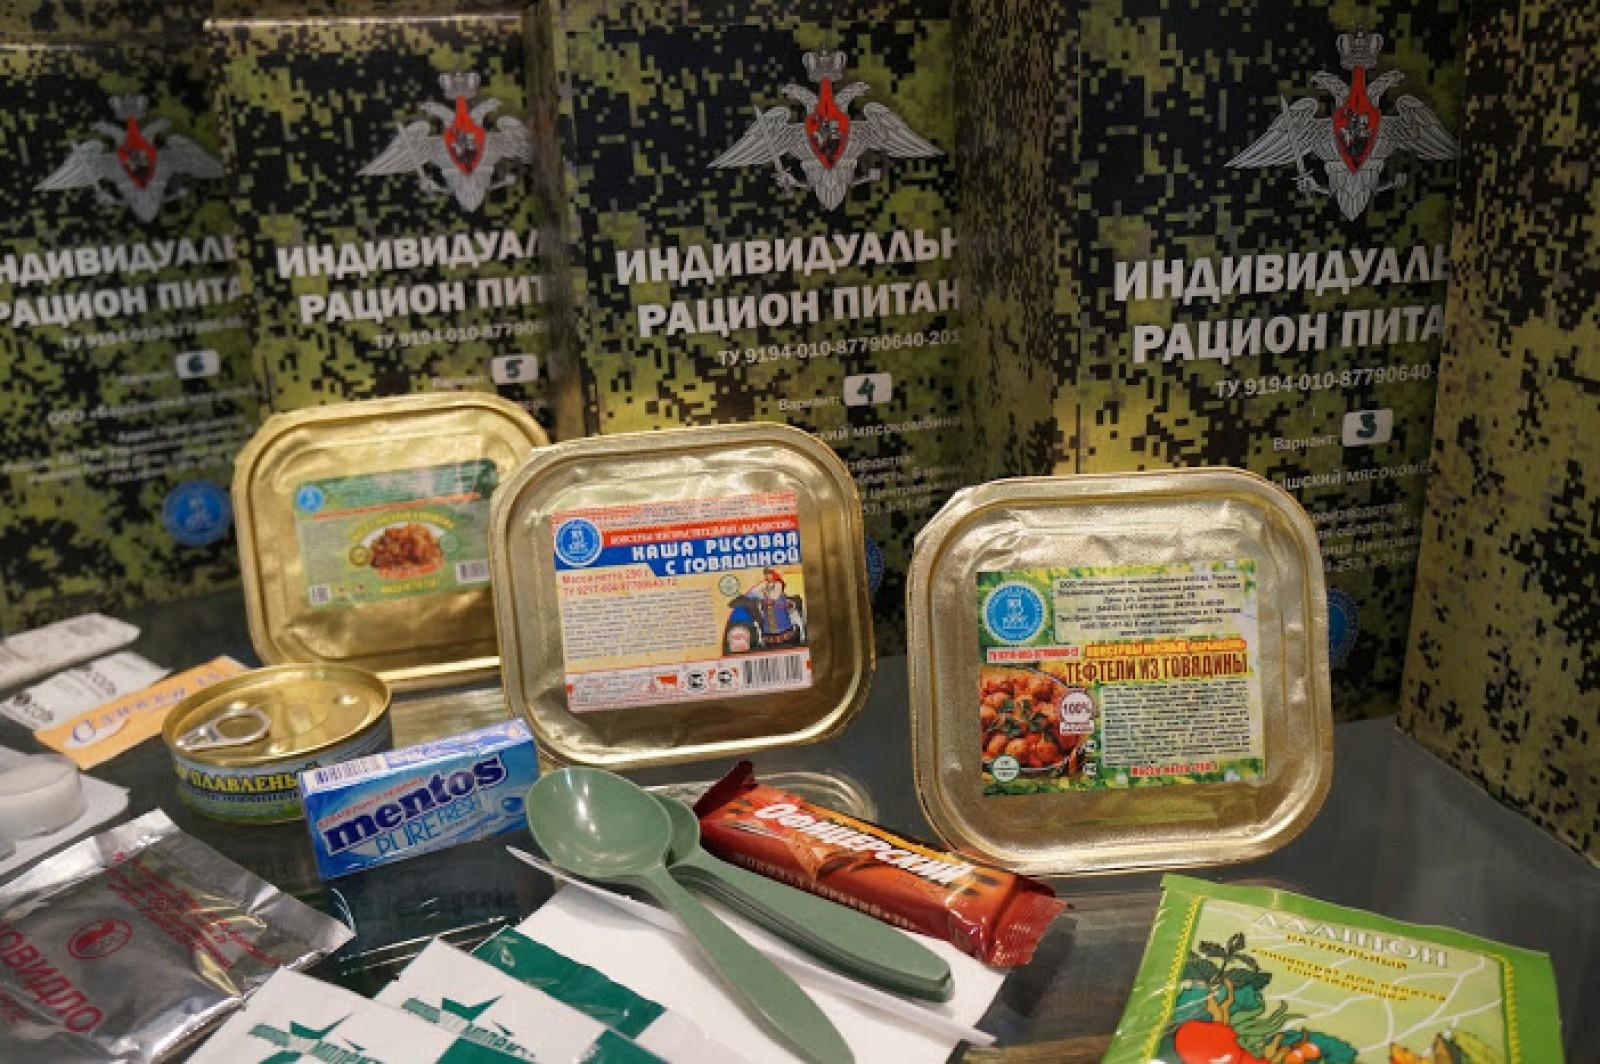 Спецназ России перешел на новые компактные рационы питания